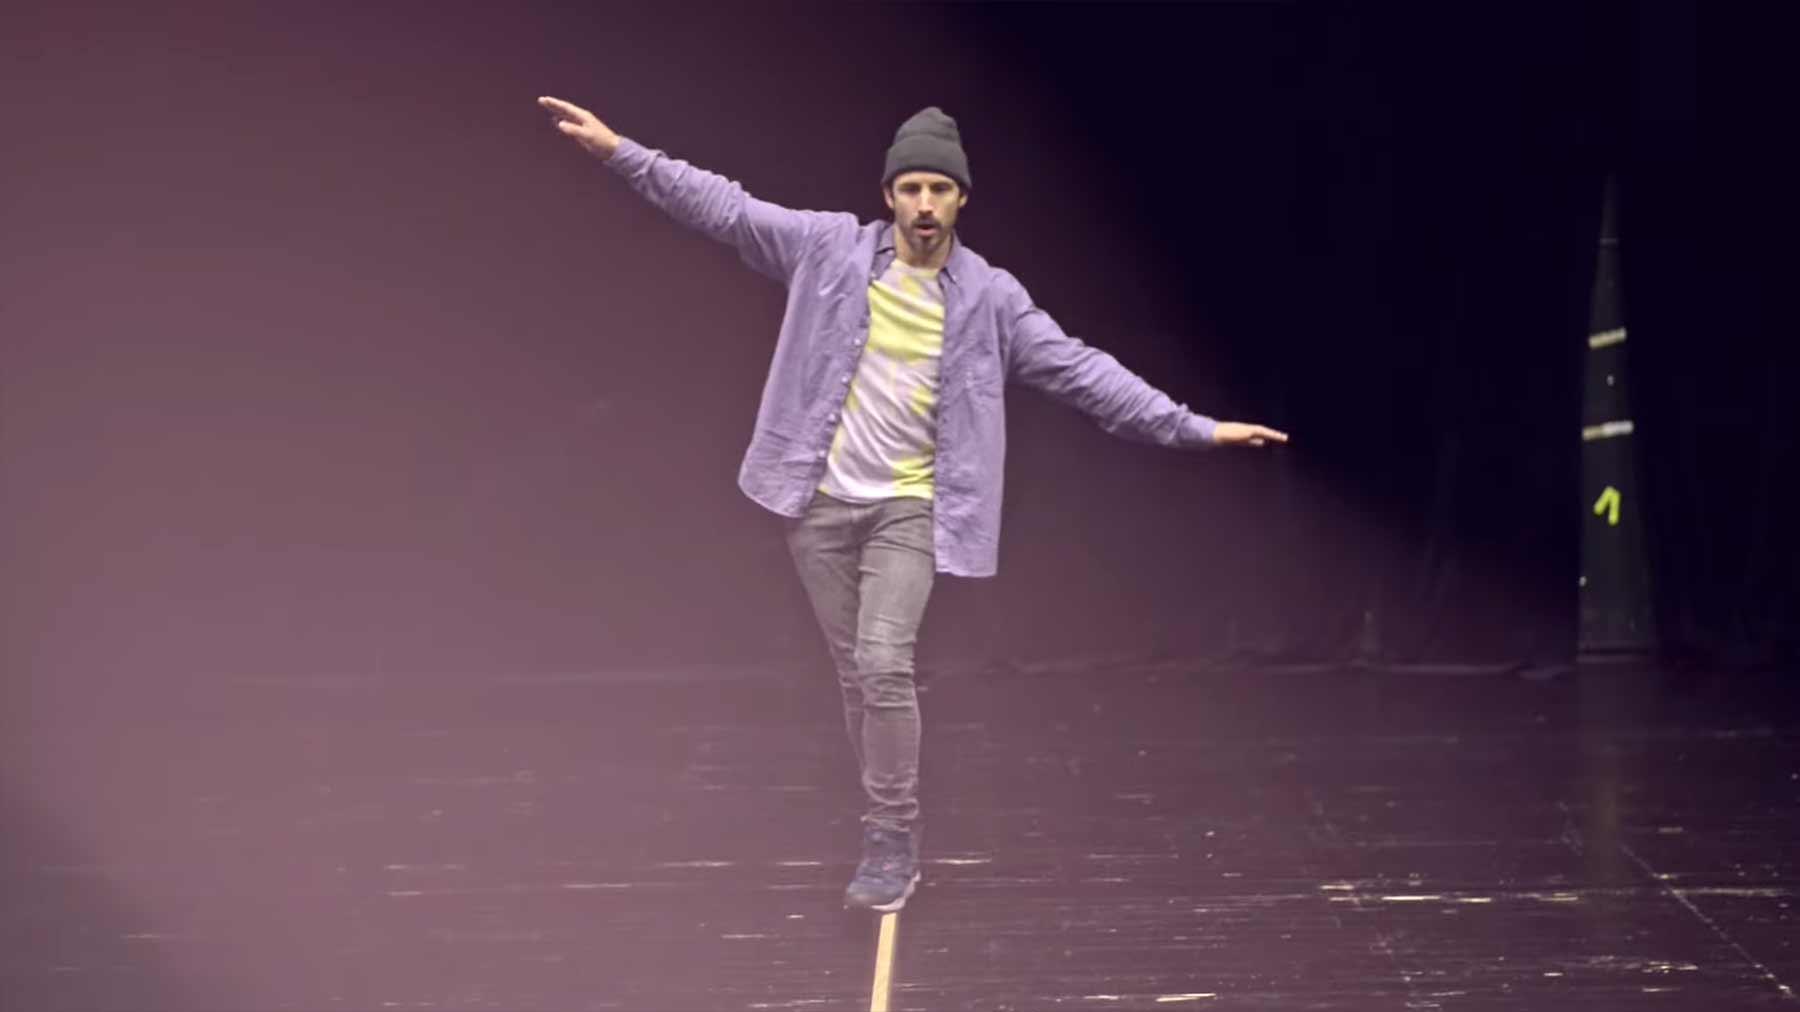 """Musikvideo: DOTA - """"Besser als nichts"""" DOTA-besser-als-nichts-musikvideo"""